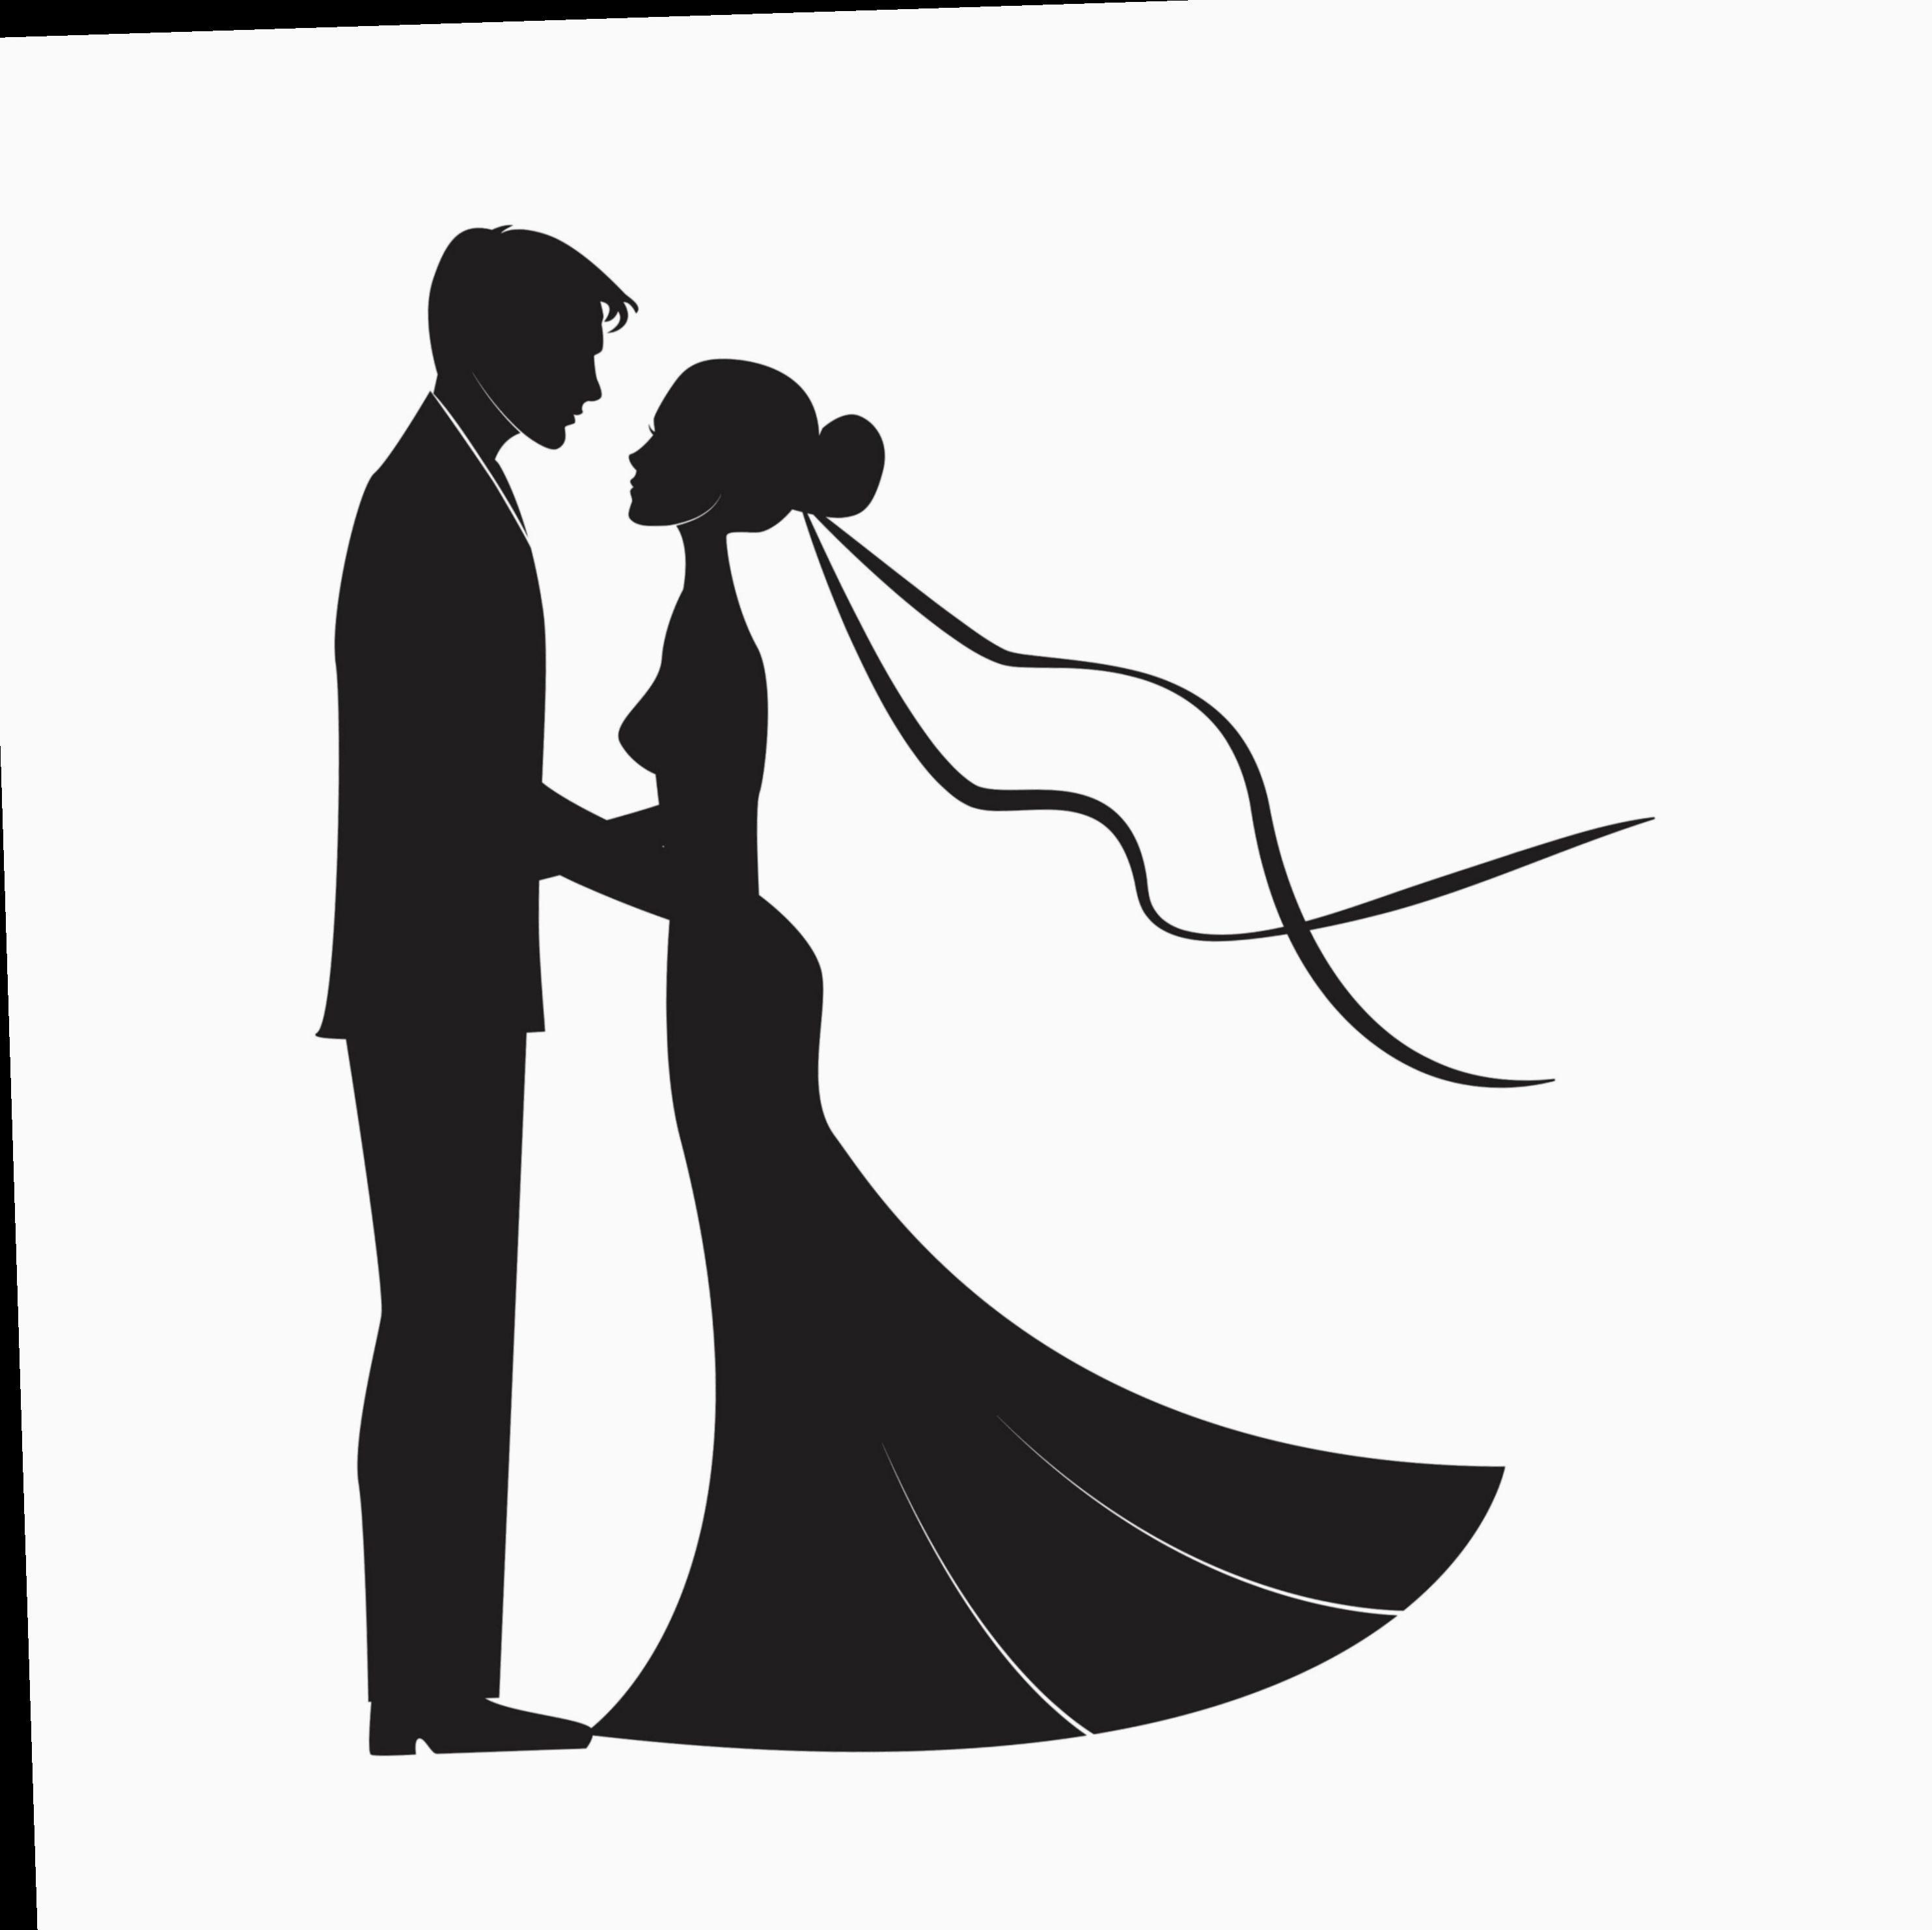 9 Couple Wedding Marriage Bride Groom Bride And Groom Silhouette Wedding Couples Wedding Drawing